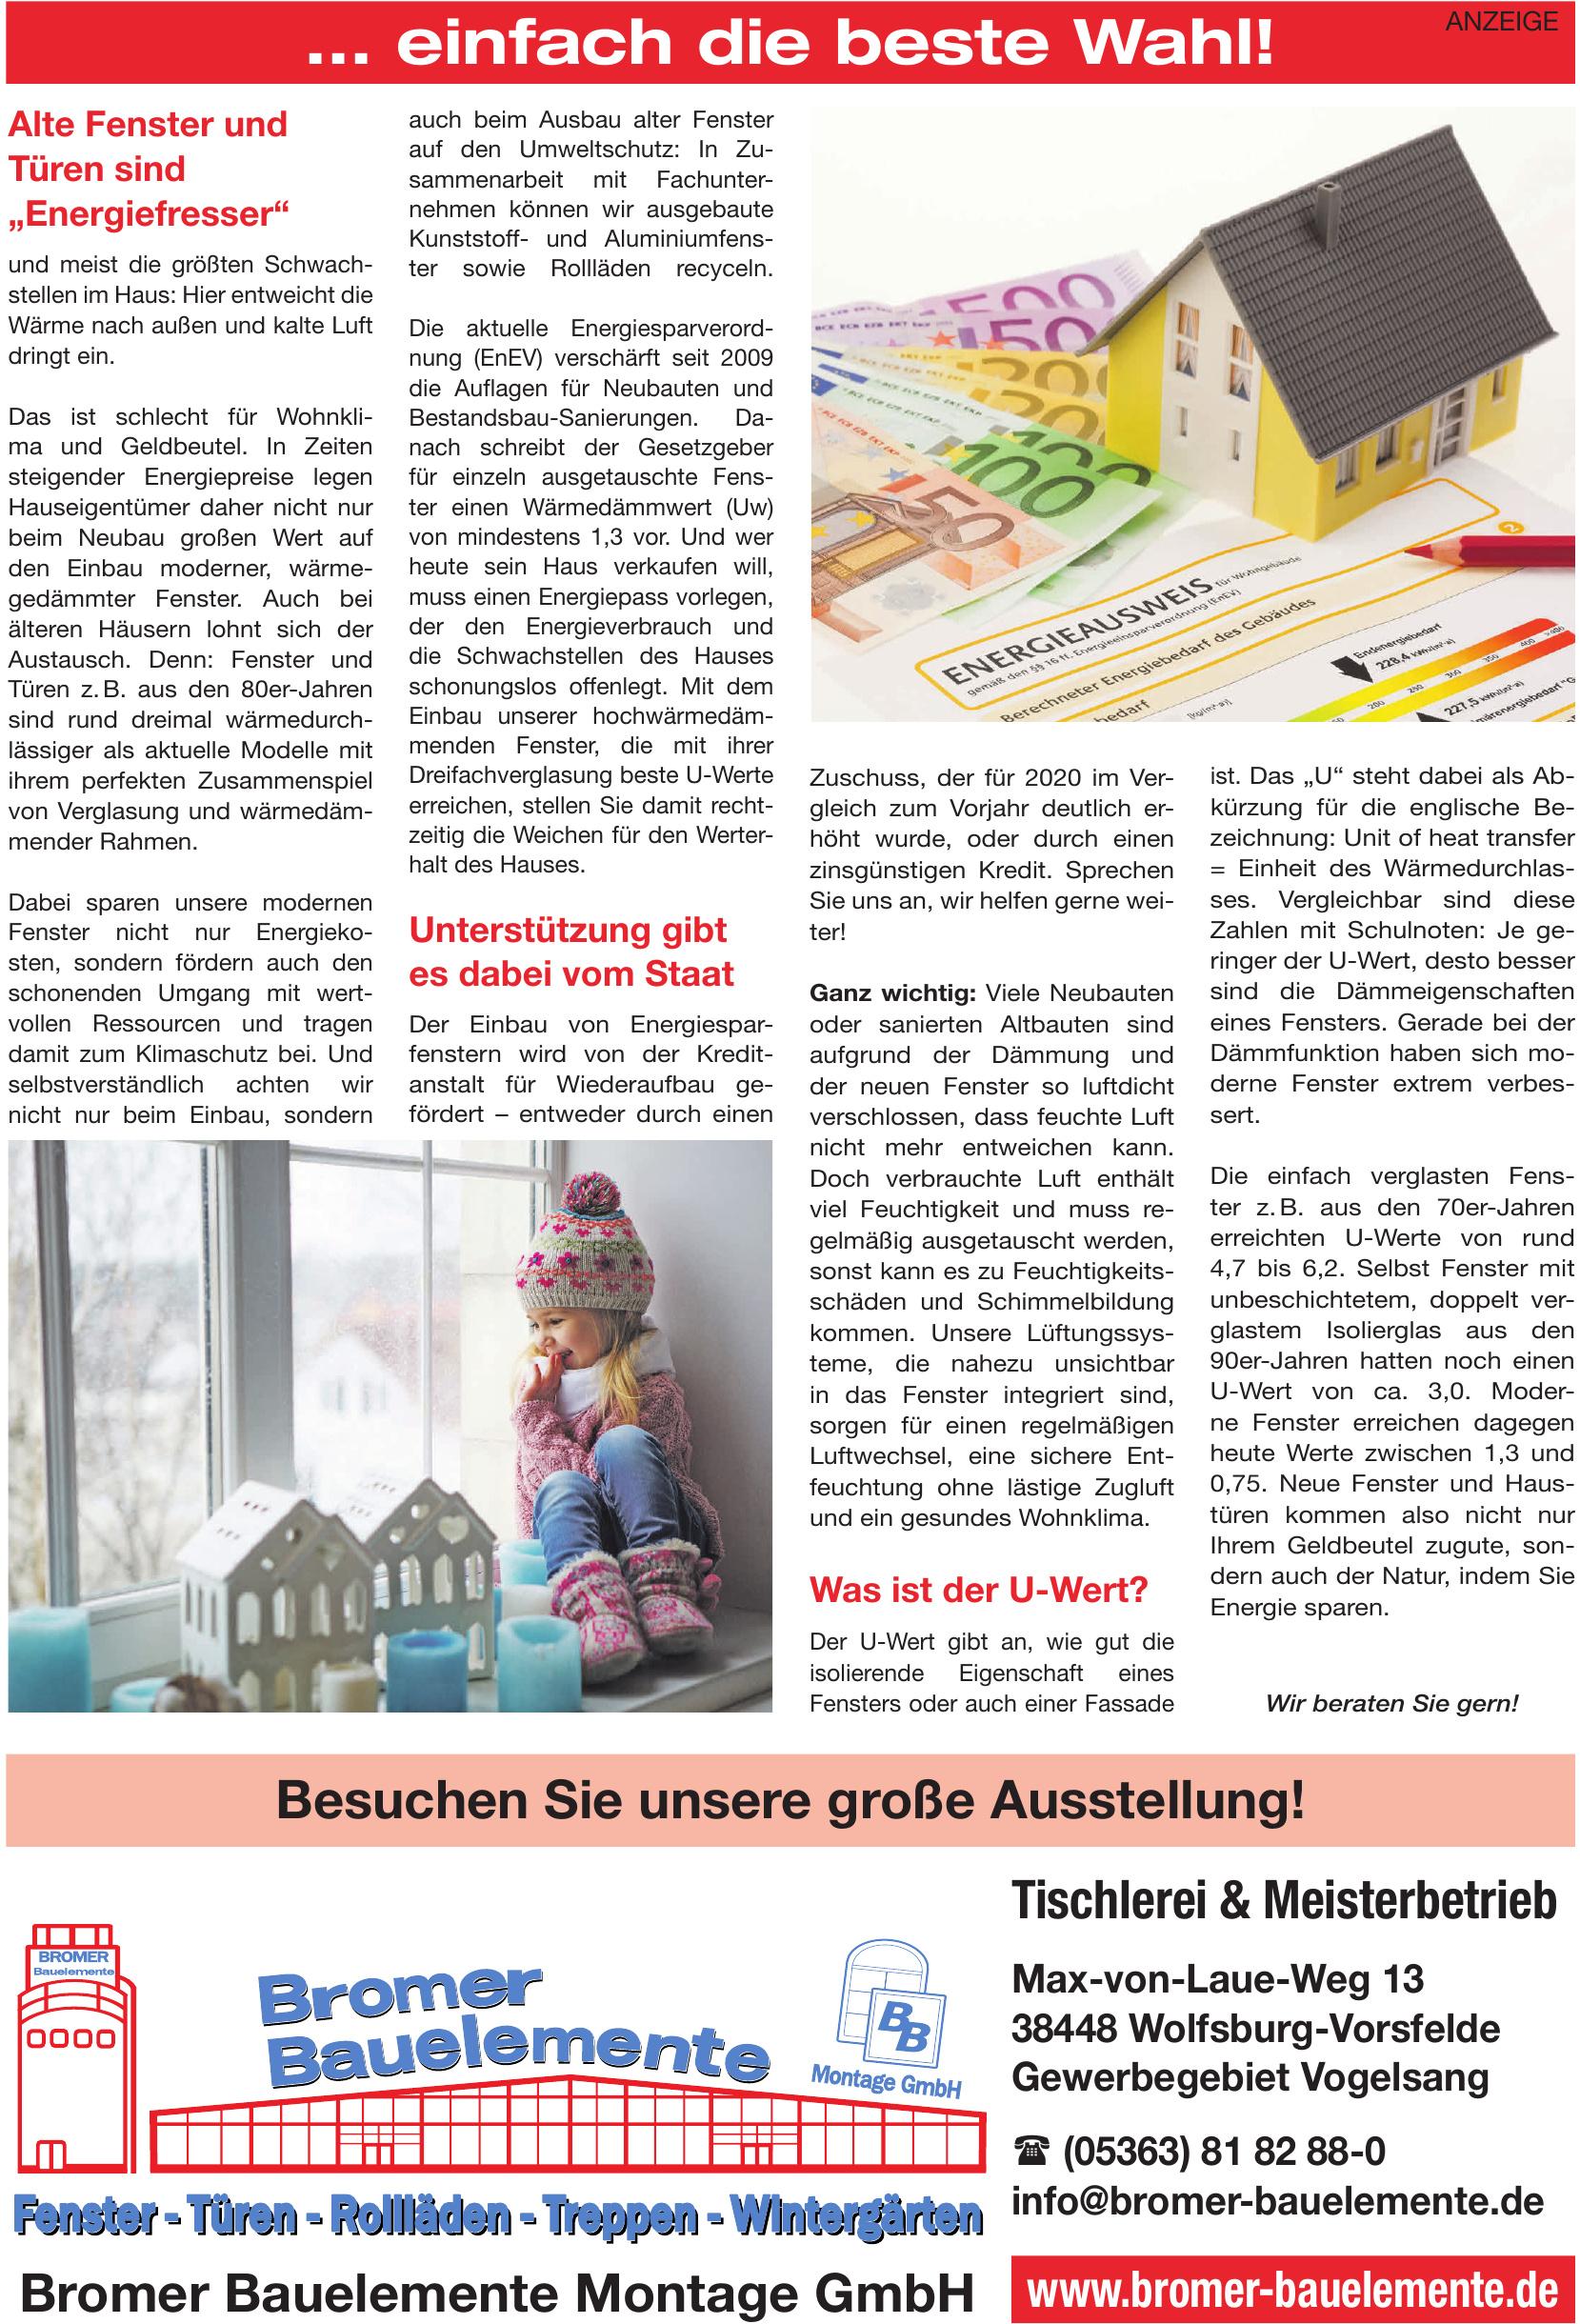 Bromer Bauelemente Montage GmbH